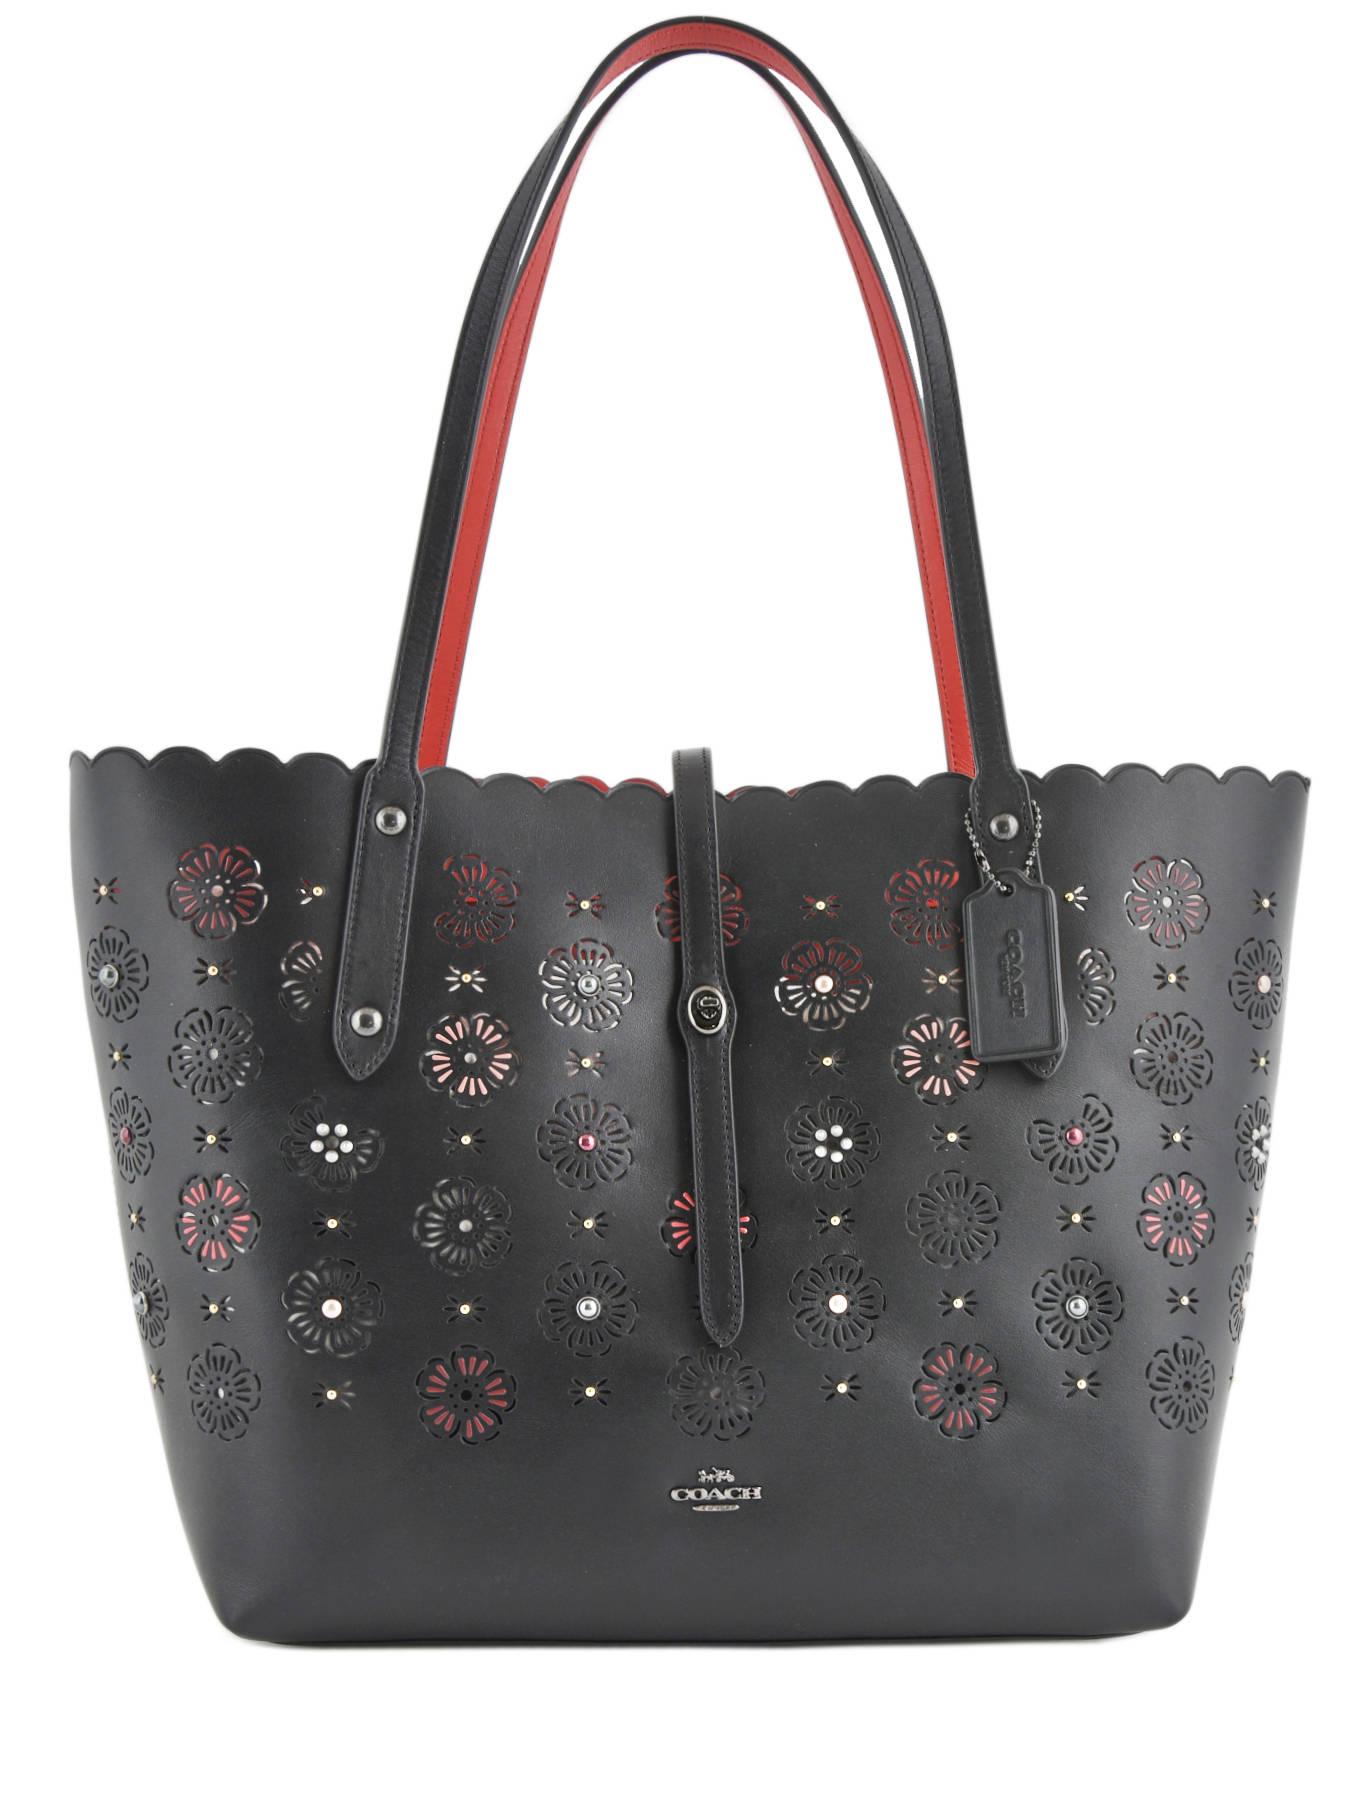 ... Shoulder Bag Tote Leather Coach Black tote 25195 ... 8c0d9e6d7885a